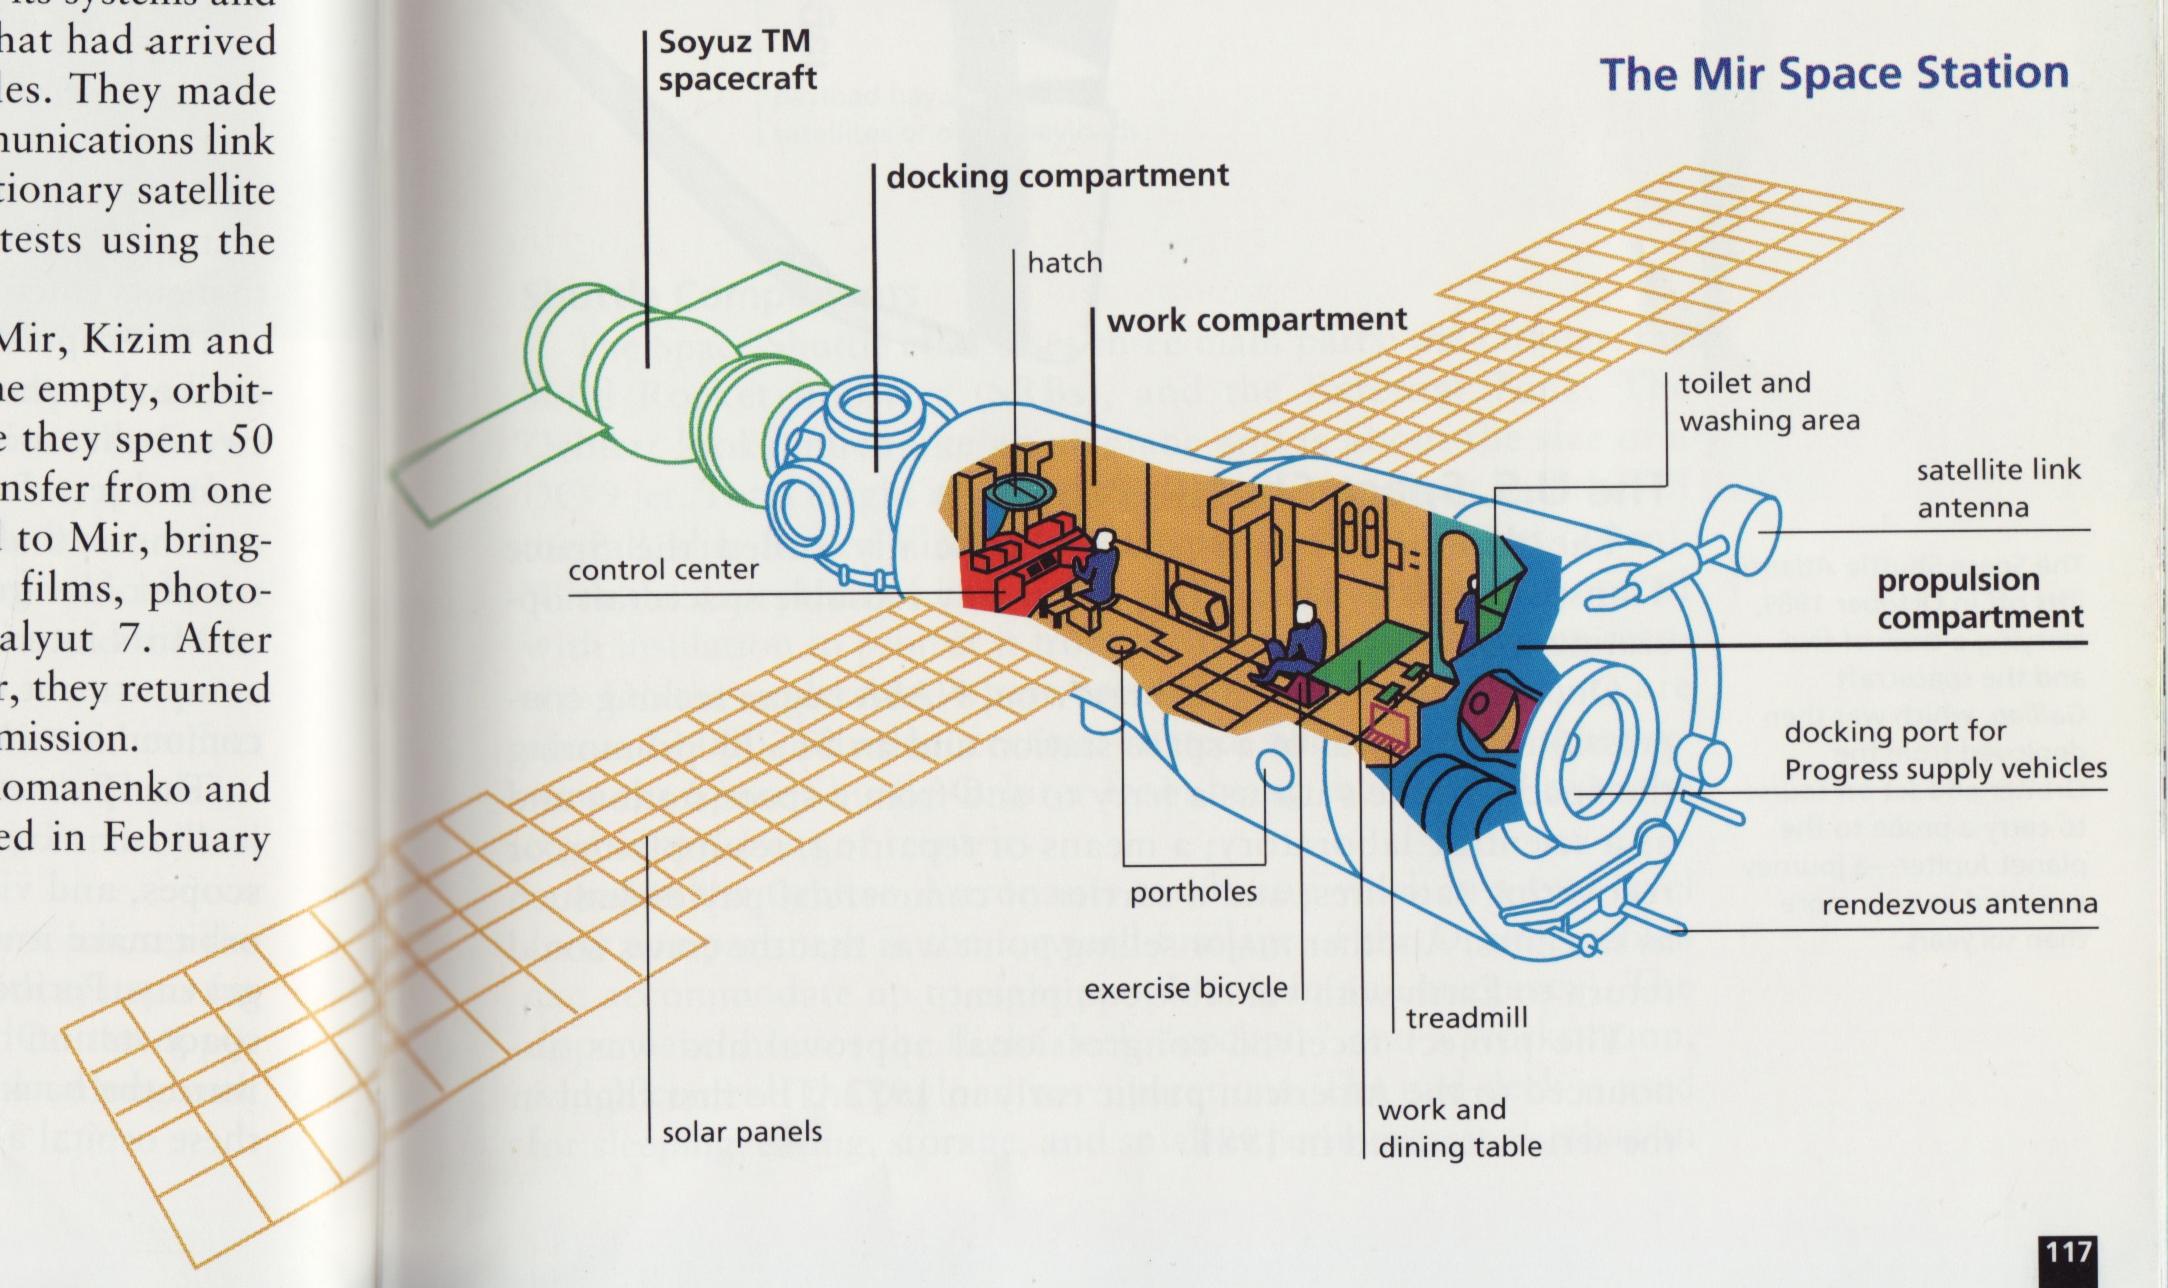 Spacecraft(230).jpg